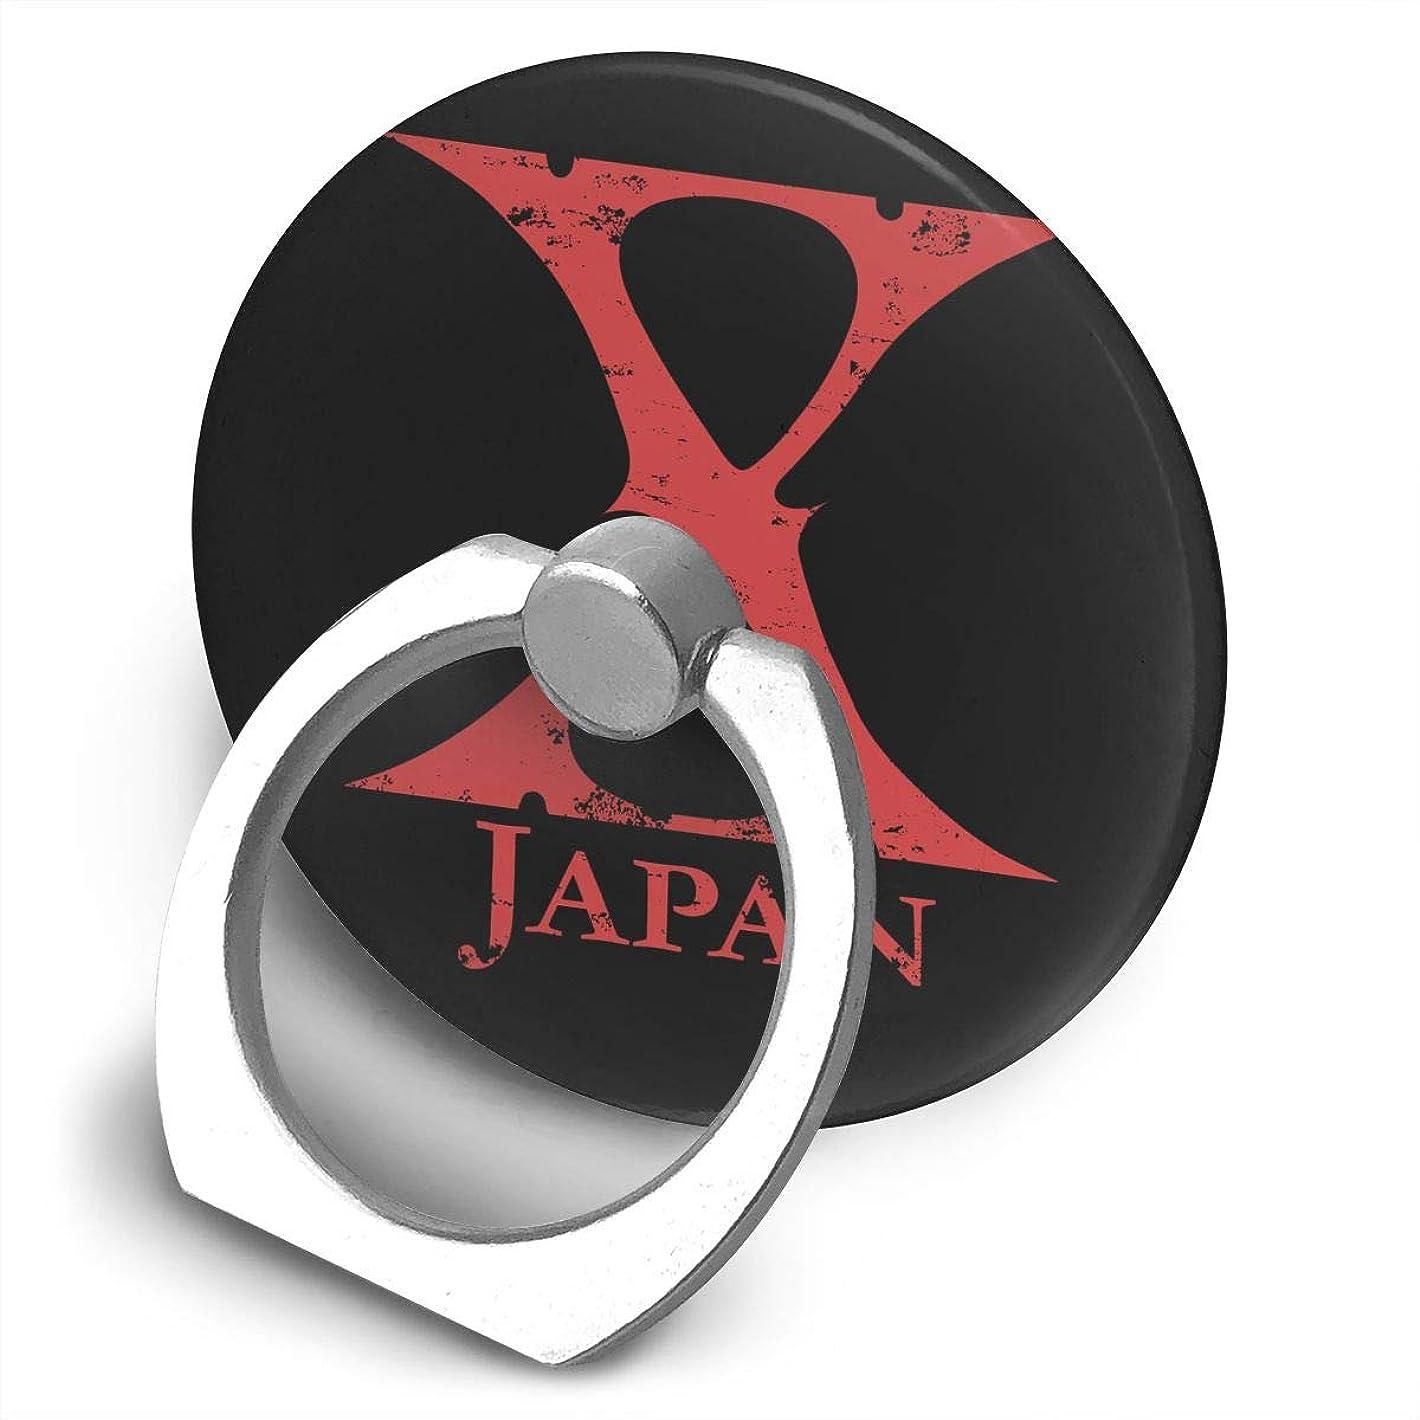 ウォーターフロントかんたん過言X Japan X Rock Music プリント リングホルダー ホールドリング 丸型 スタンド機能 落下防止 360度回転 IPhone/Android各種他対応